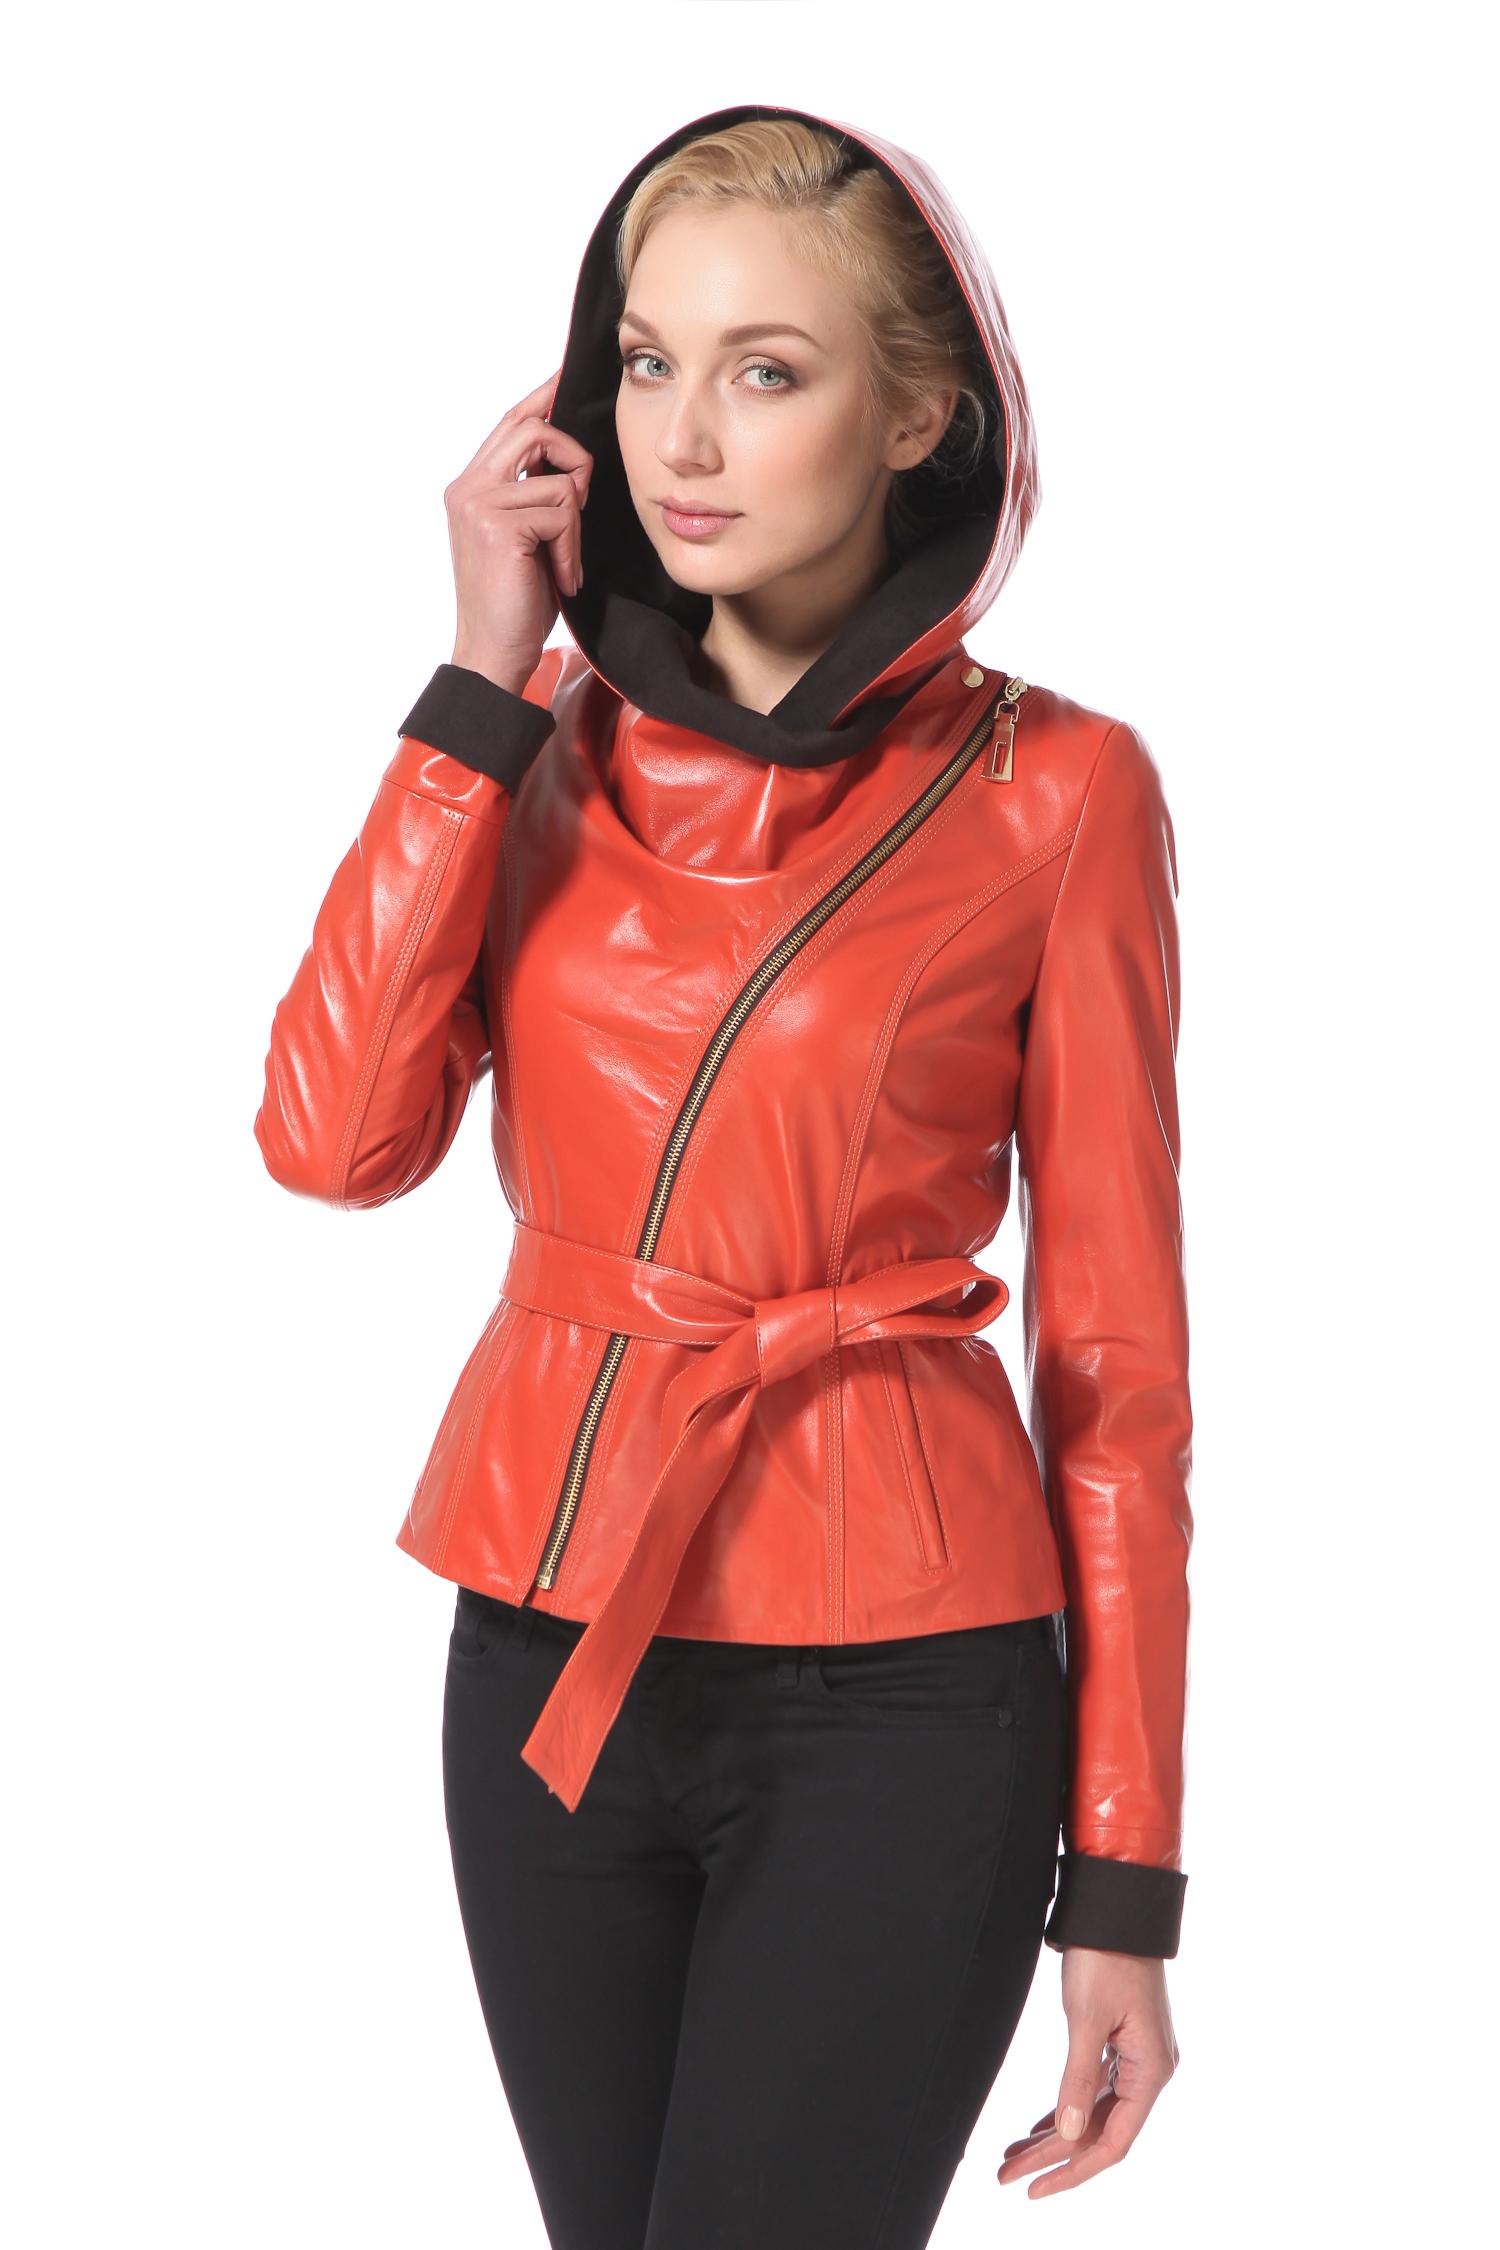 Женская кожаная куртка из натуральной кожи с капюшоном, без отделкиЦвет – коралл.Согреть необычным оттенком цвета охры способна миниатюрная кожаная куртка-косуха, в ней Вы точно не сможете остаться в тени. Идеальная посадка, лаконичность силуэта придают образу элегантность и собранность. Ключевыми акцентами такой курточки являются глубокий капюшон с контрастной подкладкой, который оригинально застегивается не только на молнию, но и на металлическую кнопку, а также запоминающийся цвет. Приобретя данную модель, можно быть на 100% уверенной, в том, что она прослужит не один сезон и при этом будет выглядеть всегда актуально.<br><br>Воротник: капюшон<br>Длина см: Короткая (51-74 )<br>Материал: Кожа овчина<br>Цвет: коричневый<br>Застежка: на молнии<br>Пол: Женский<br>Размер RU: 48